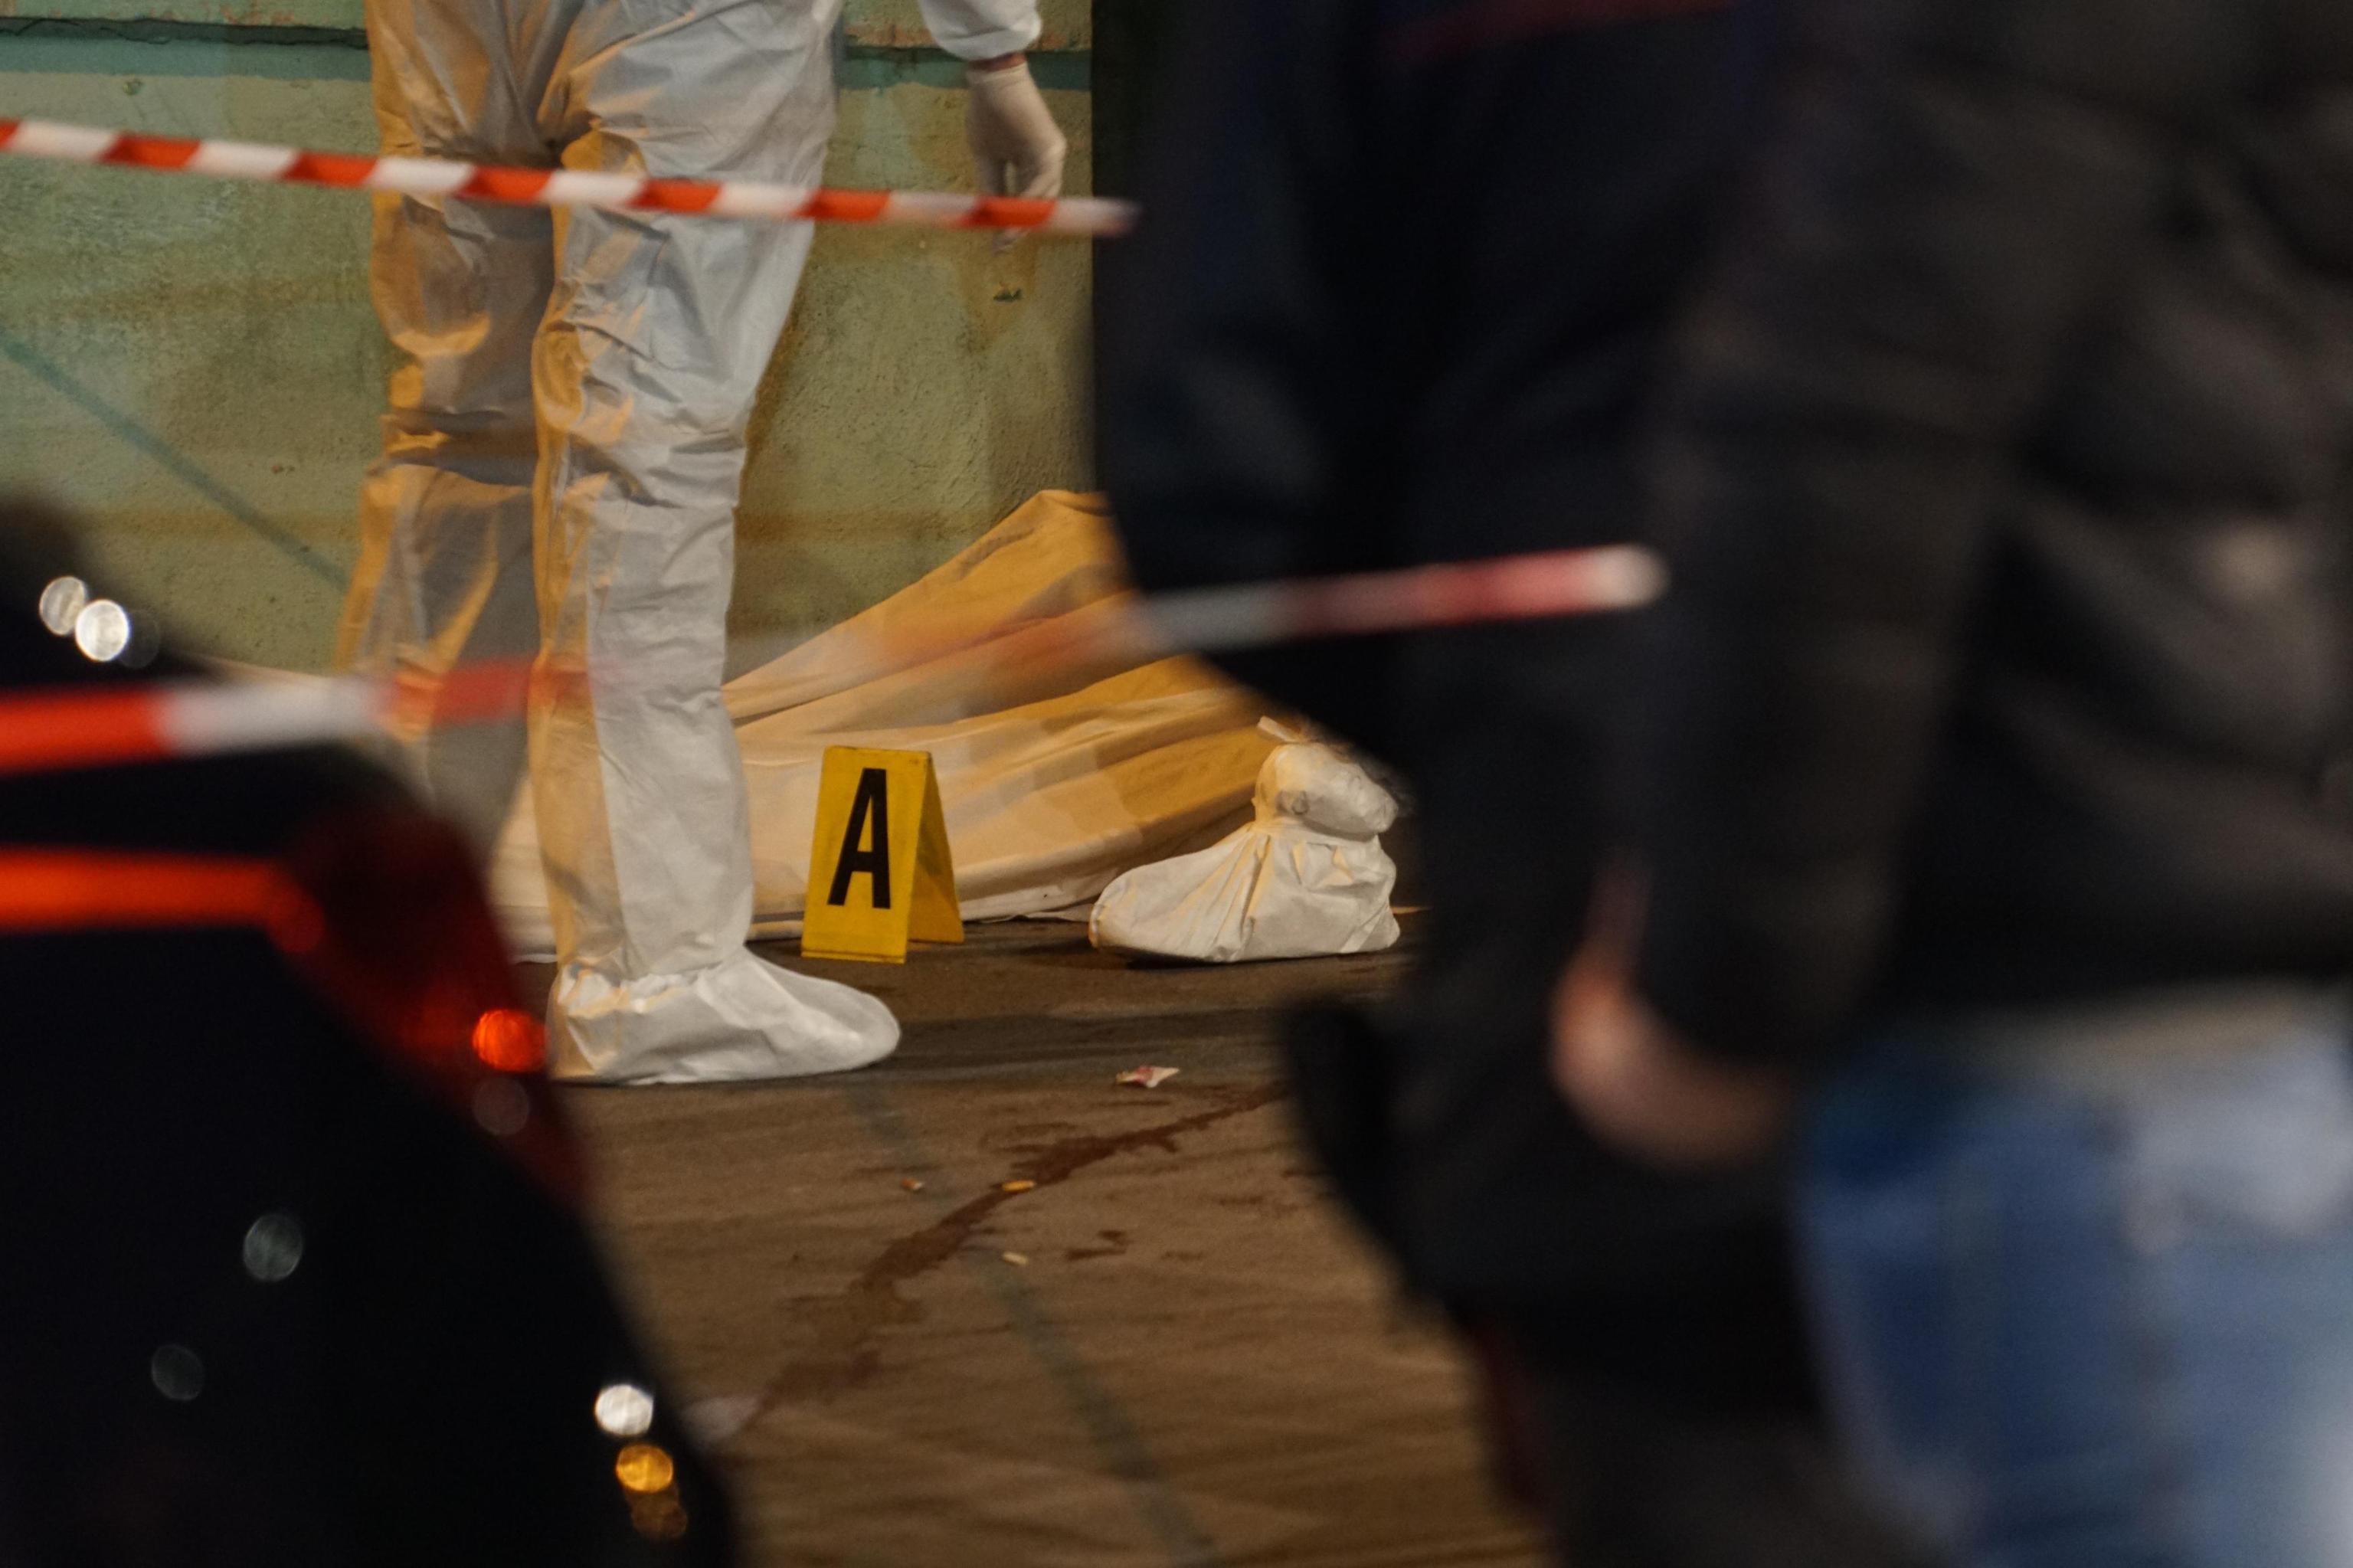 Napoli, sparatoria davanti una scuola: ucciso un uomo, ferito il figlio